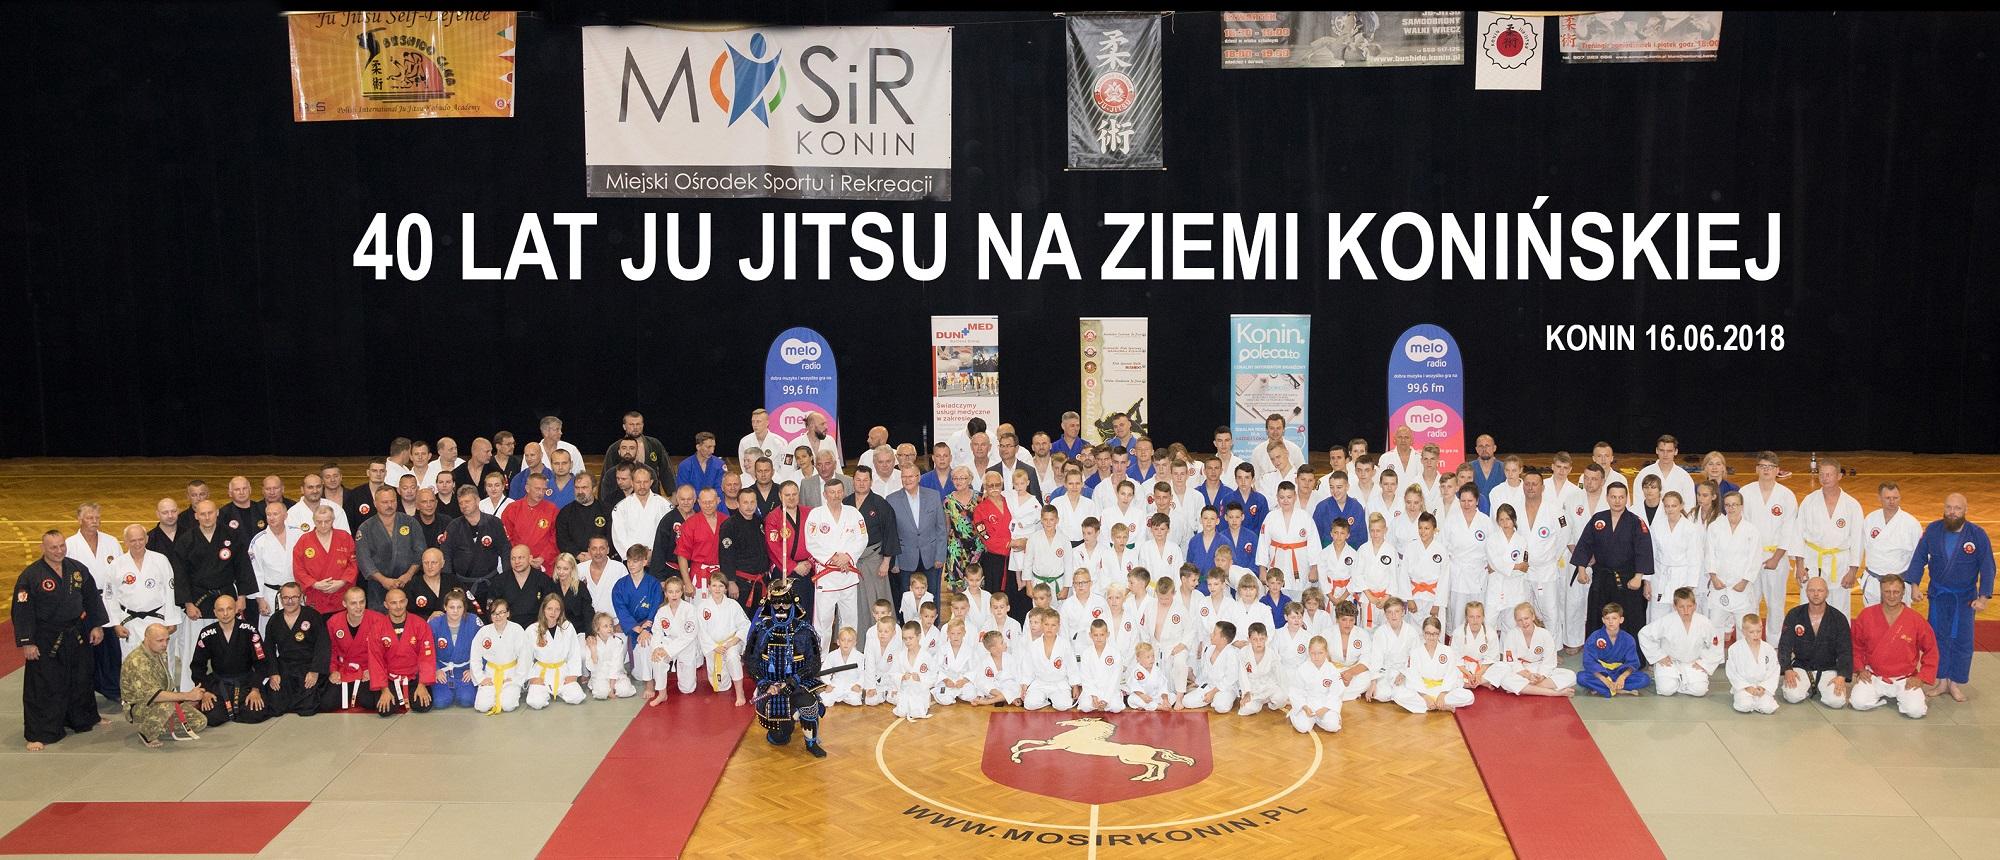 40 lat JU JITSU NA ZIEMI KONIŃSKIEJ 1978 - 2018